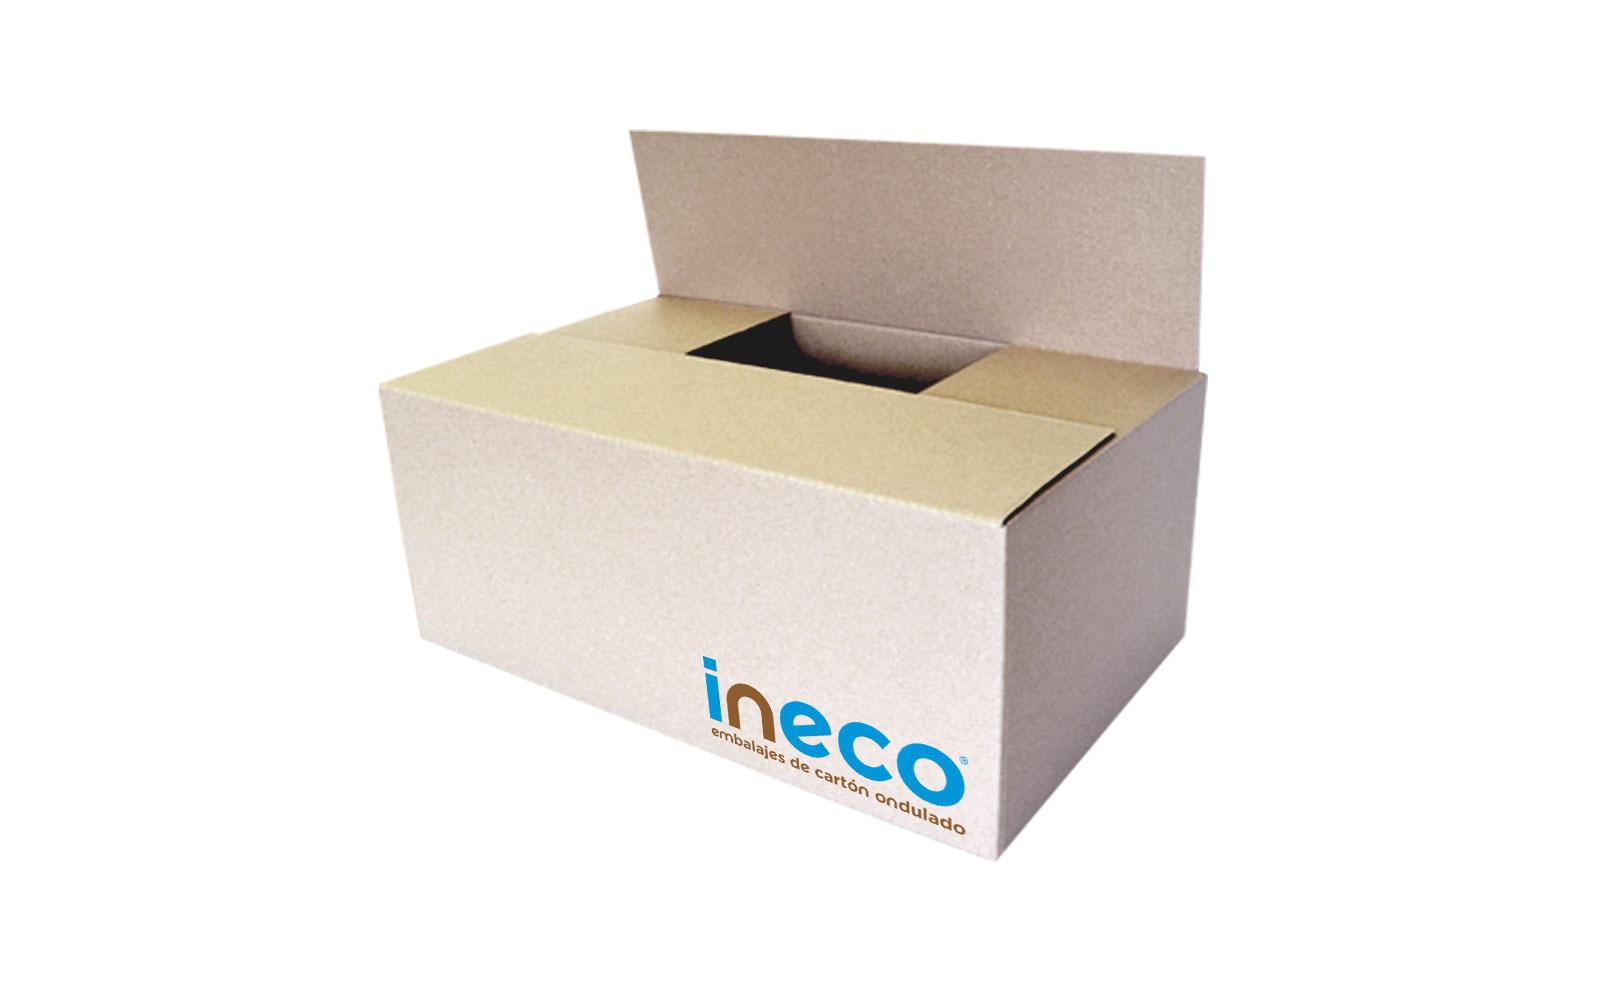 caja de cartón con solapas